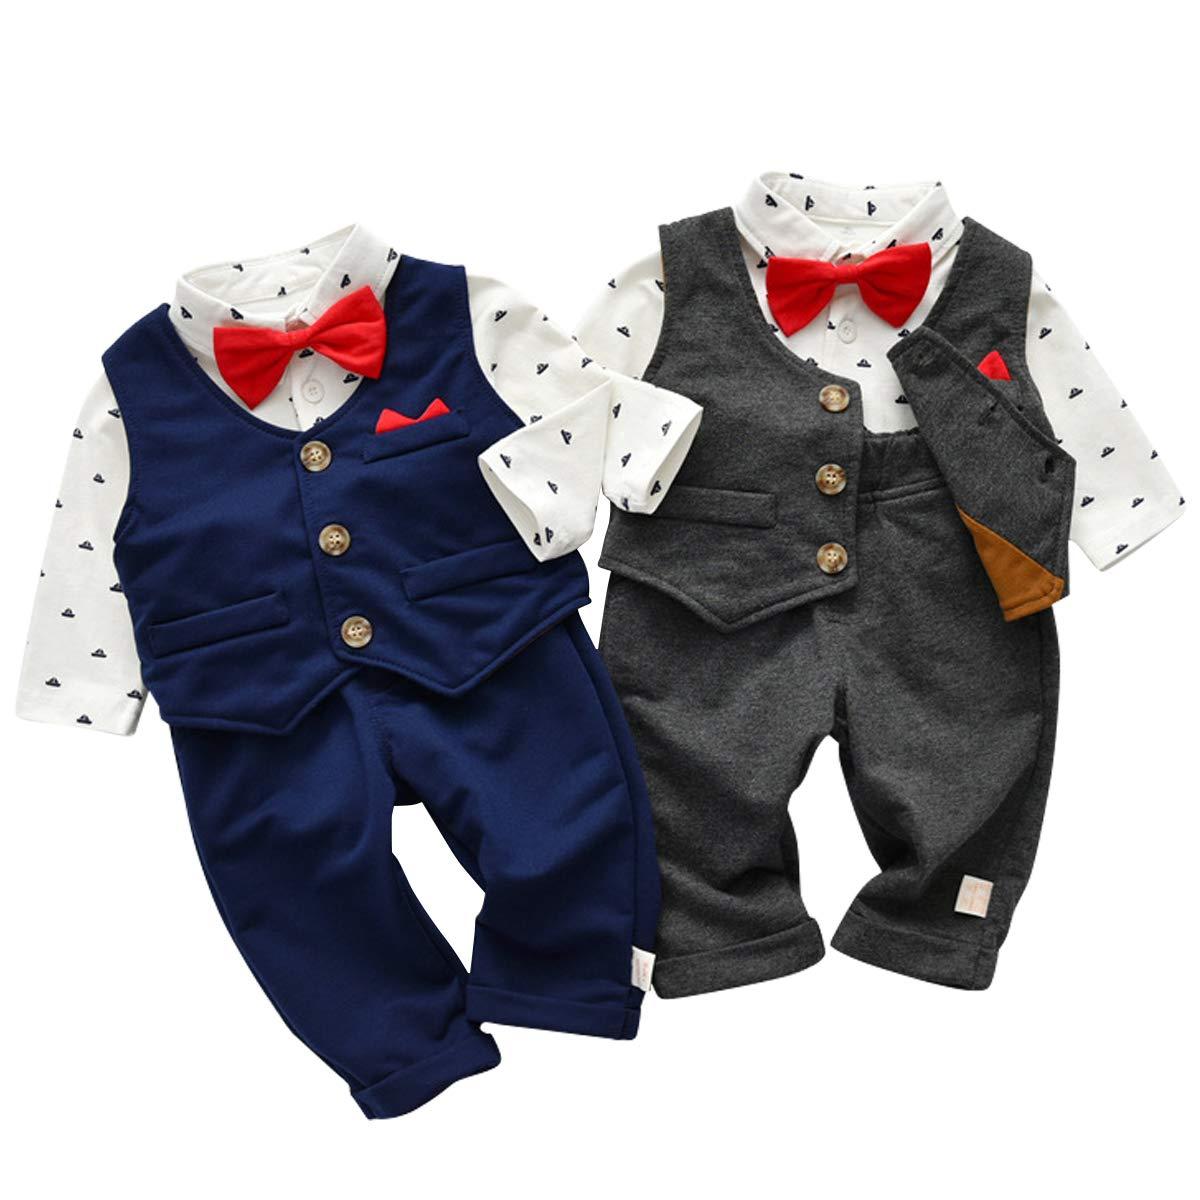 Kanodan Baby Junge Smokings Kinder Anzug Hochzeit Partei Taufe Bekleidungsset